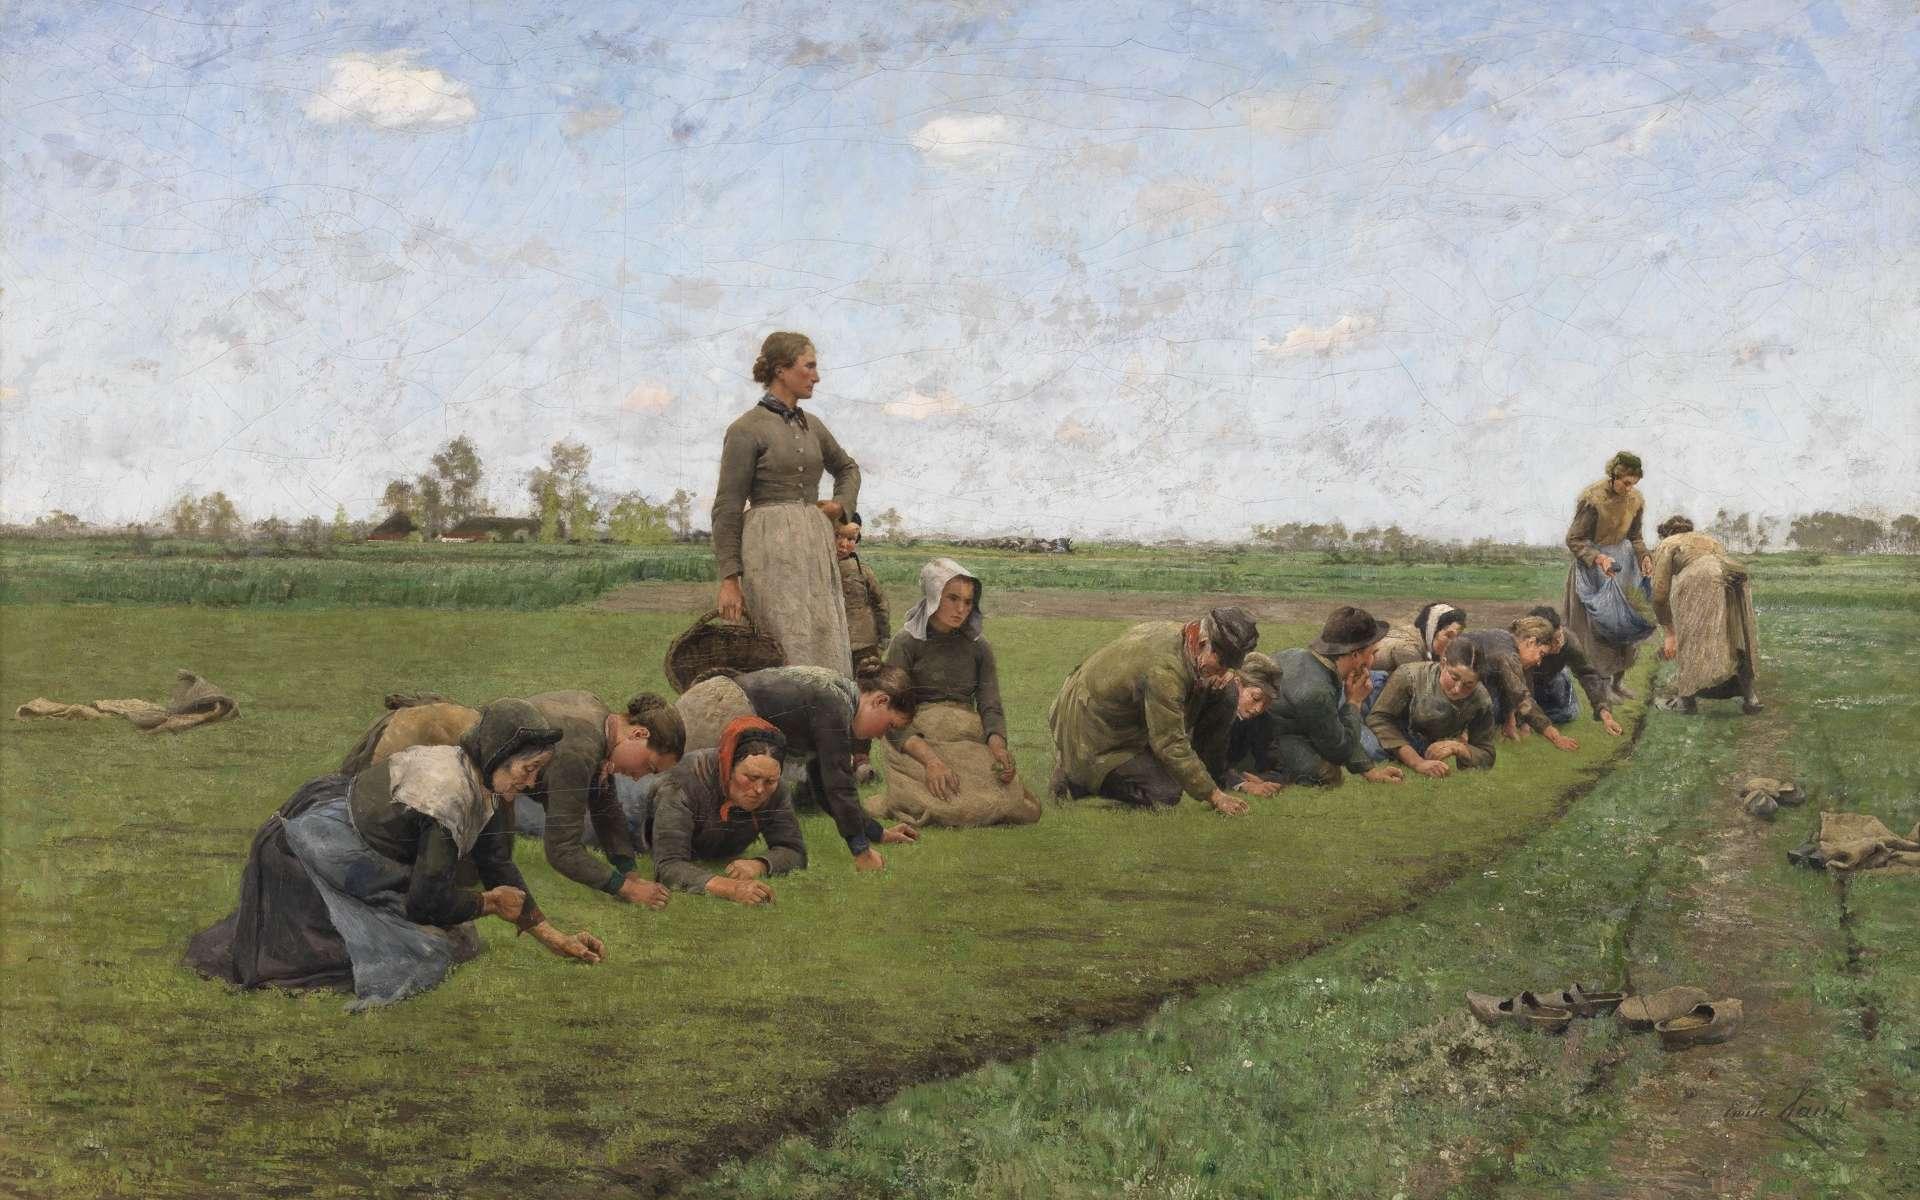 Désherbage du lin en Flandre (1887), Emile Claus, Royal Museum of Fine Arts Antwerp, Wikimédia Commons, Domaine public